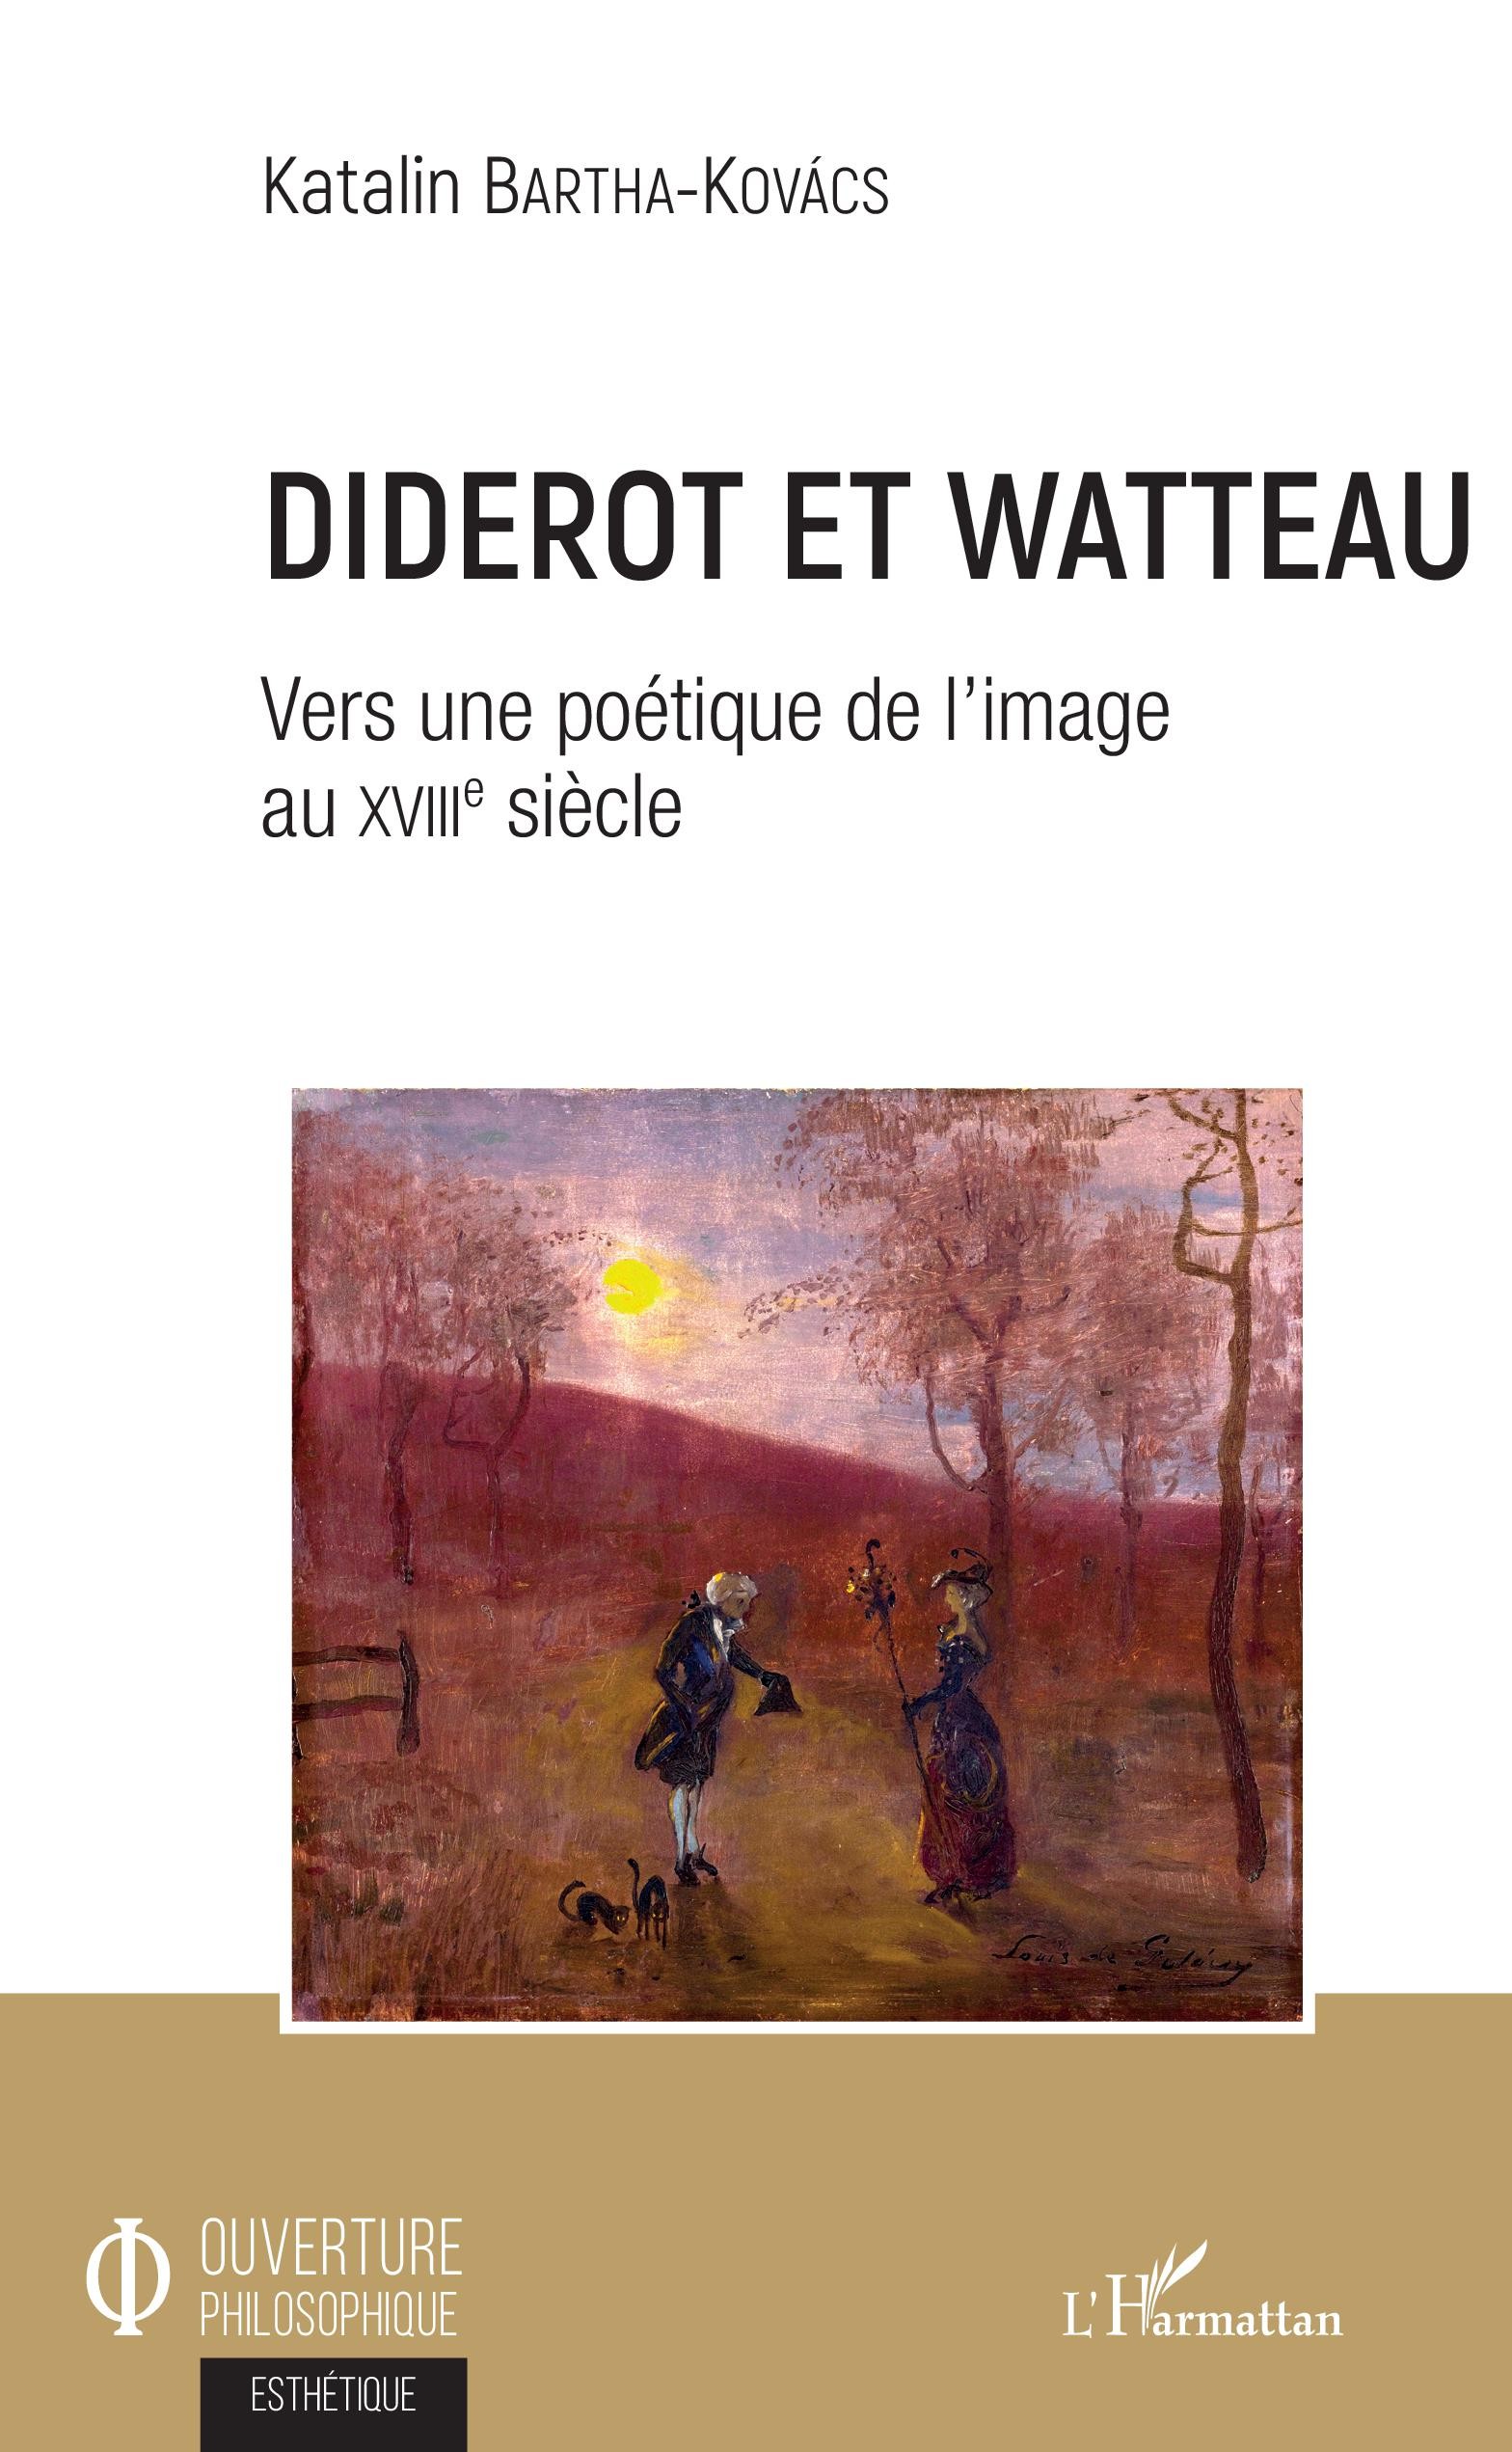 K. Bartha-Kovács, Diderot et Watteau - Vers une poétique de l'image au XVIIIe siècle